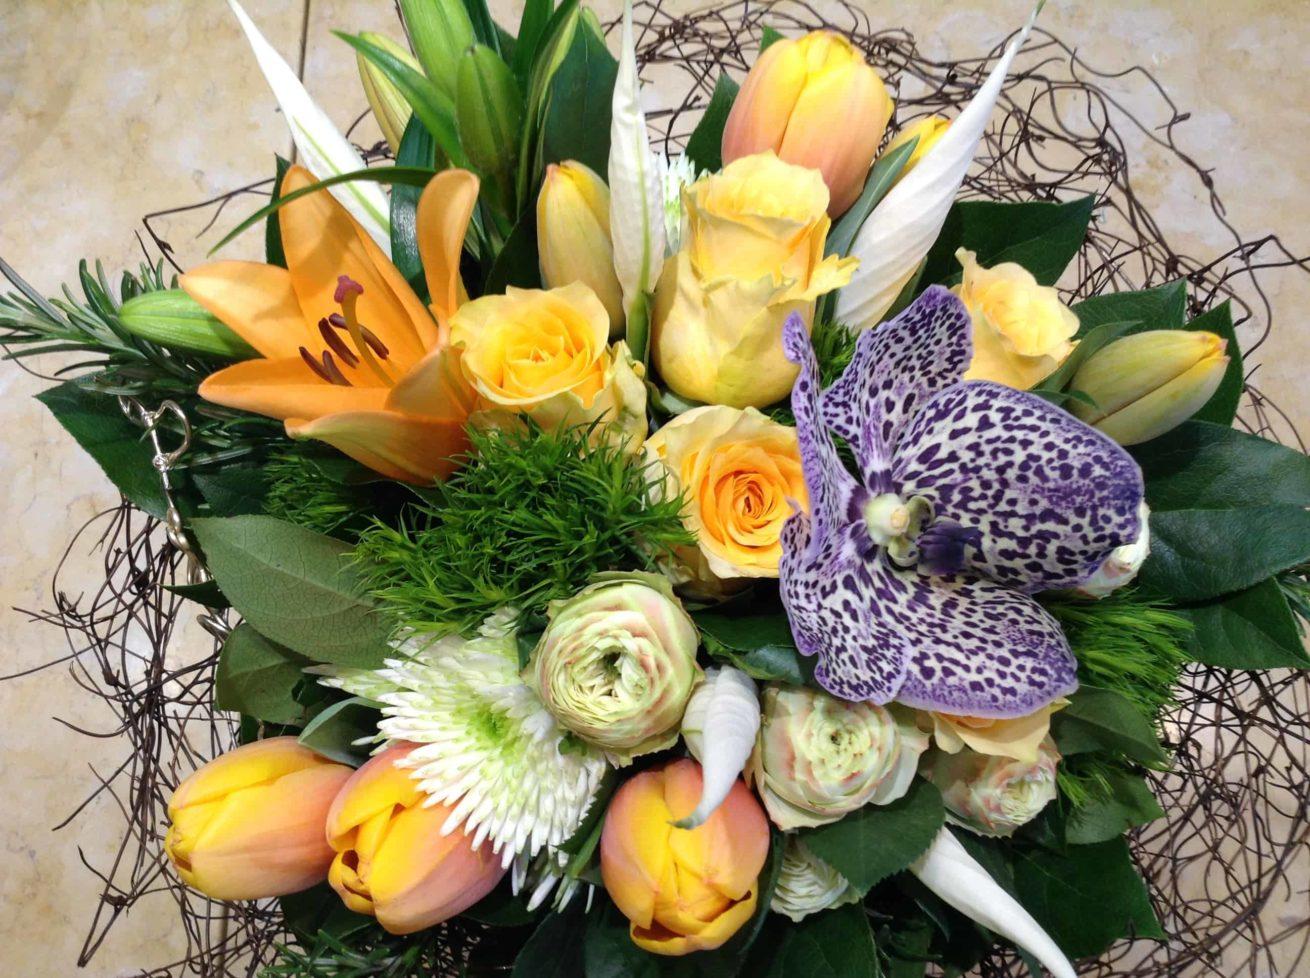 livraison fleurs bordeaux bouquet rond naissance fleurs de saisons Réalisation Carré Roses fleuriste Bordeaux